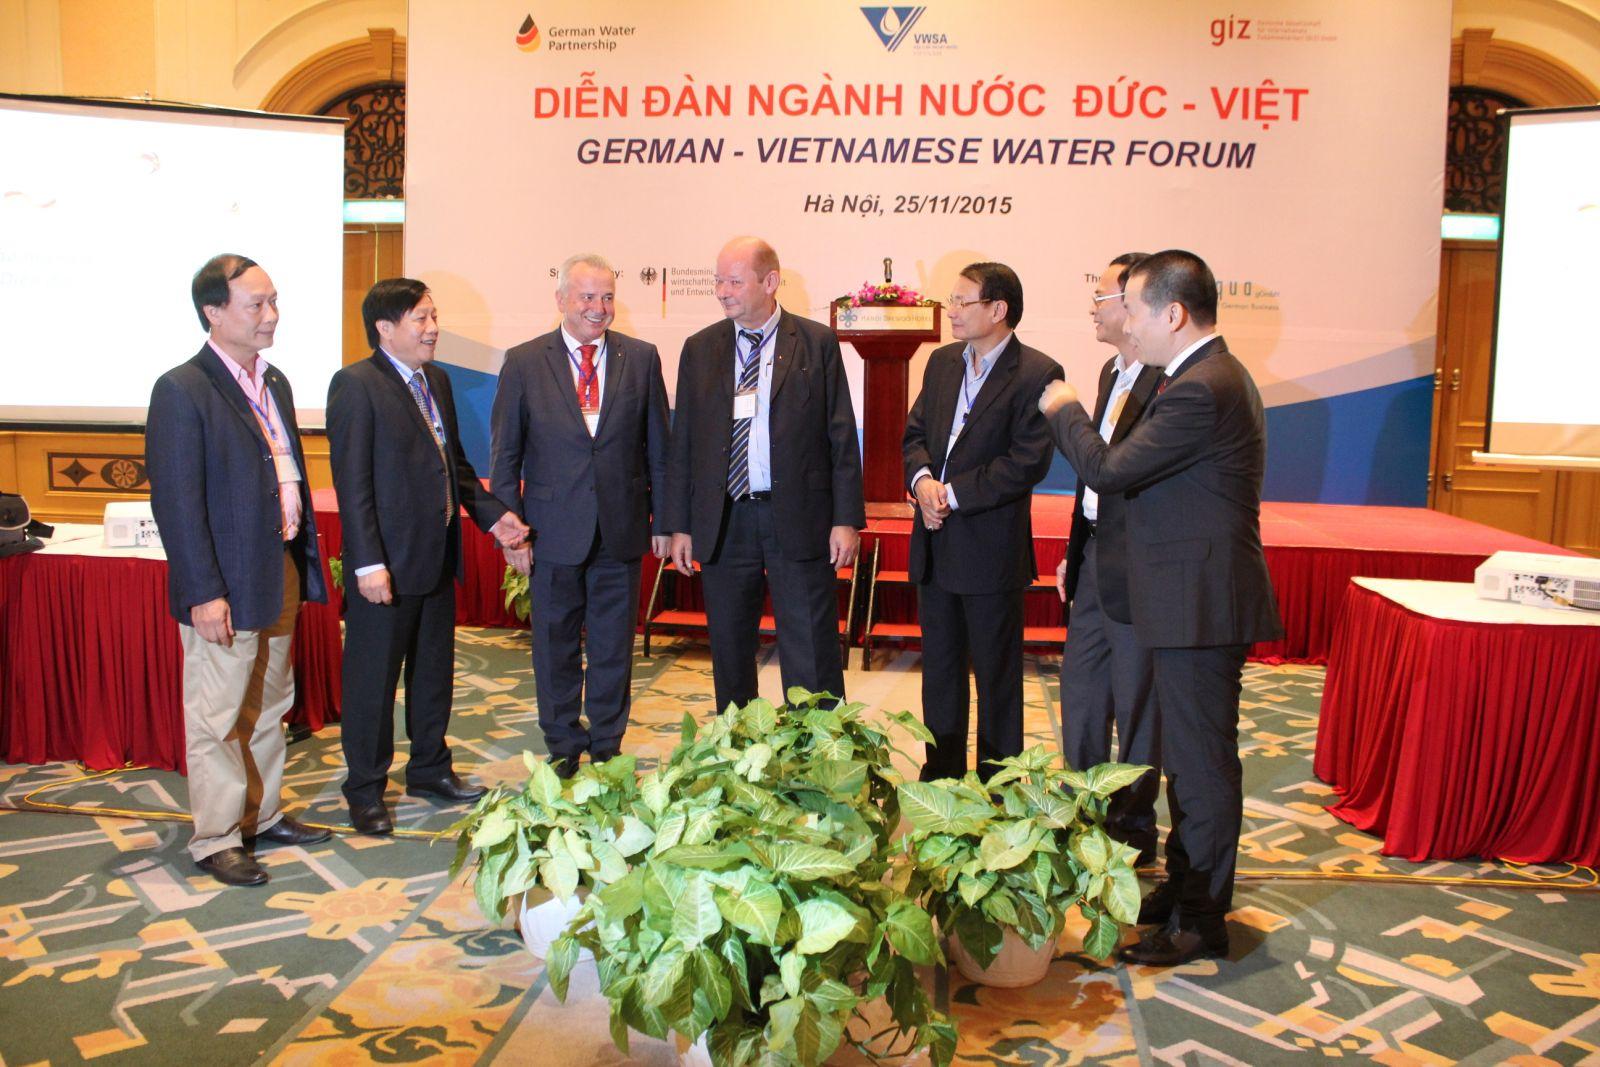 Diễn đàn ngành nước Đức - Việt (25.11.2015)